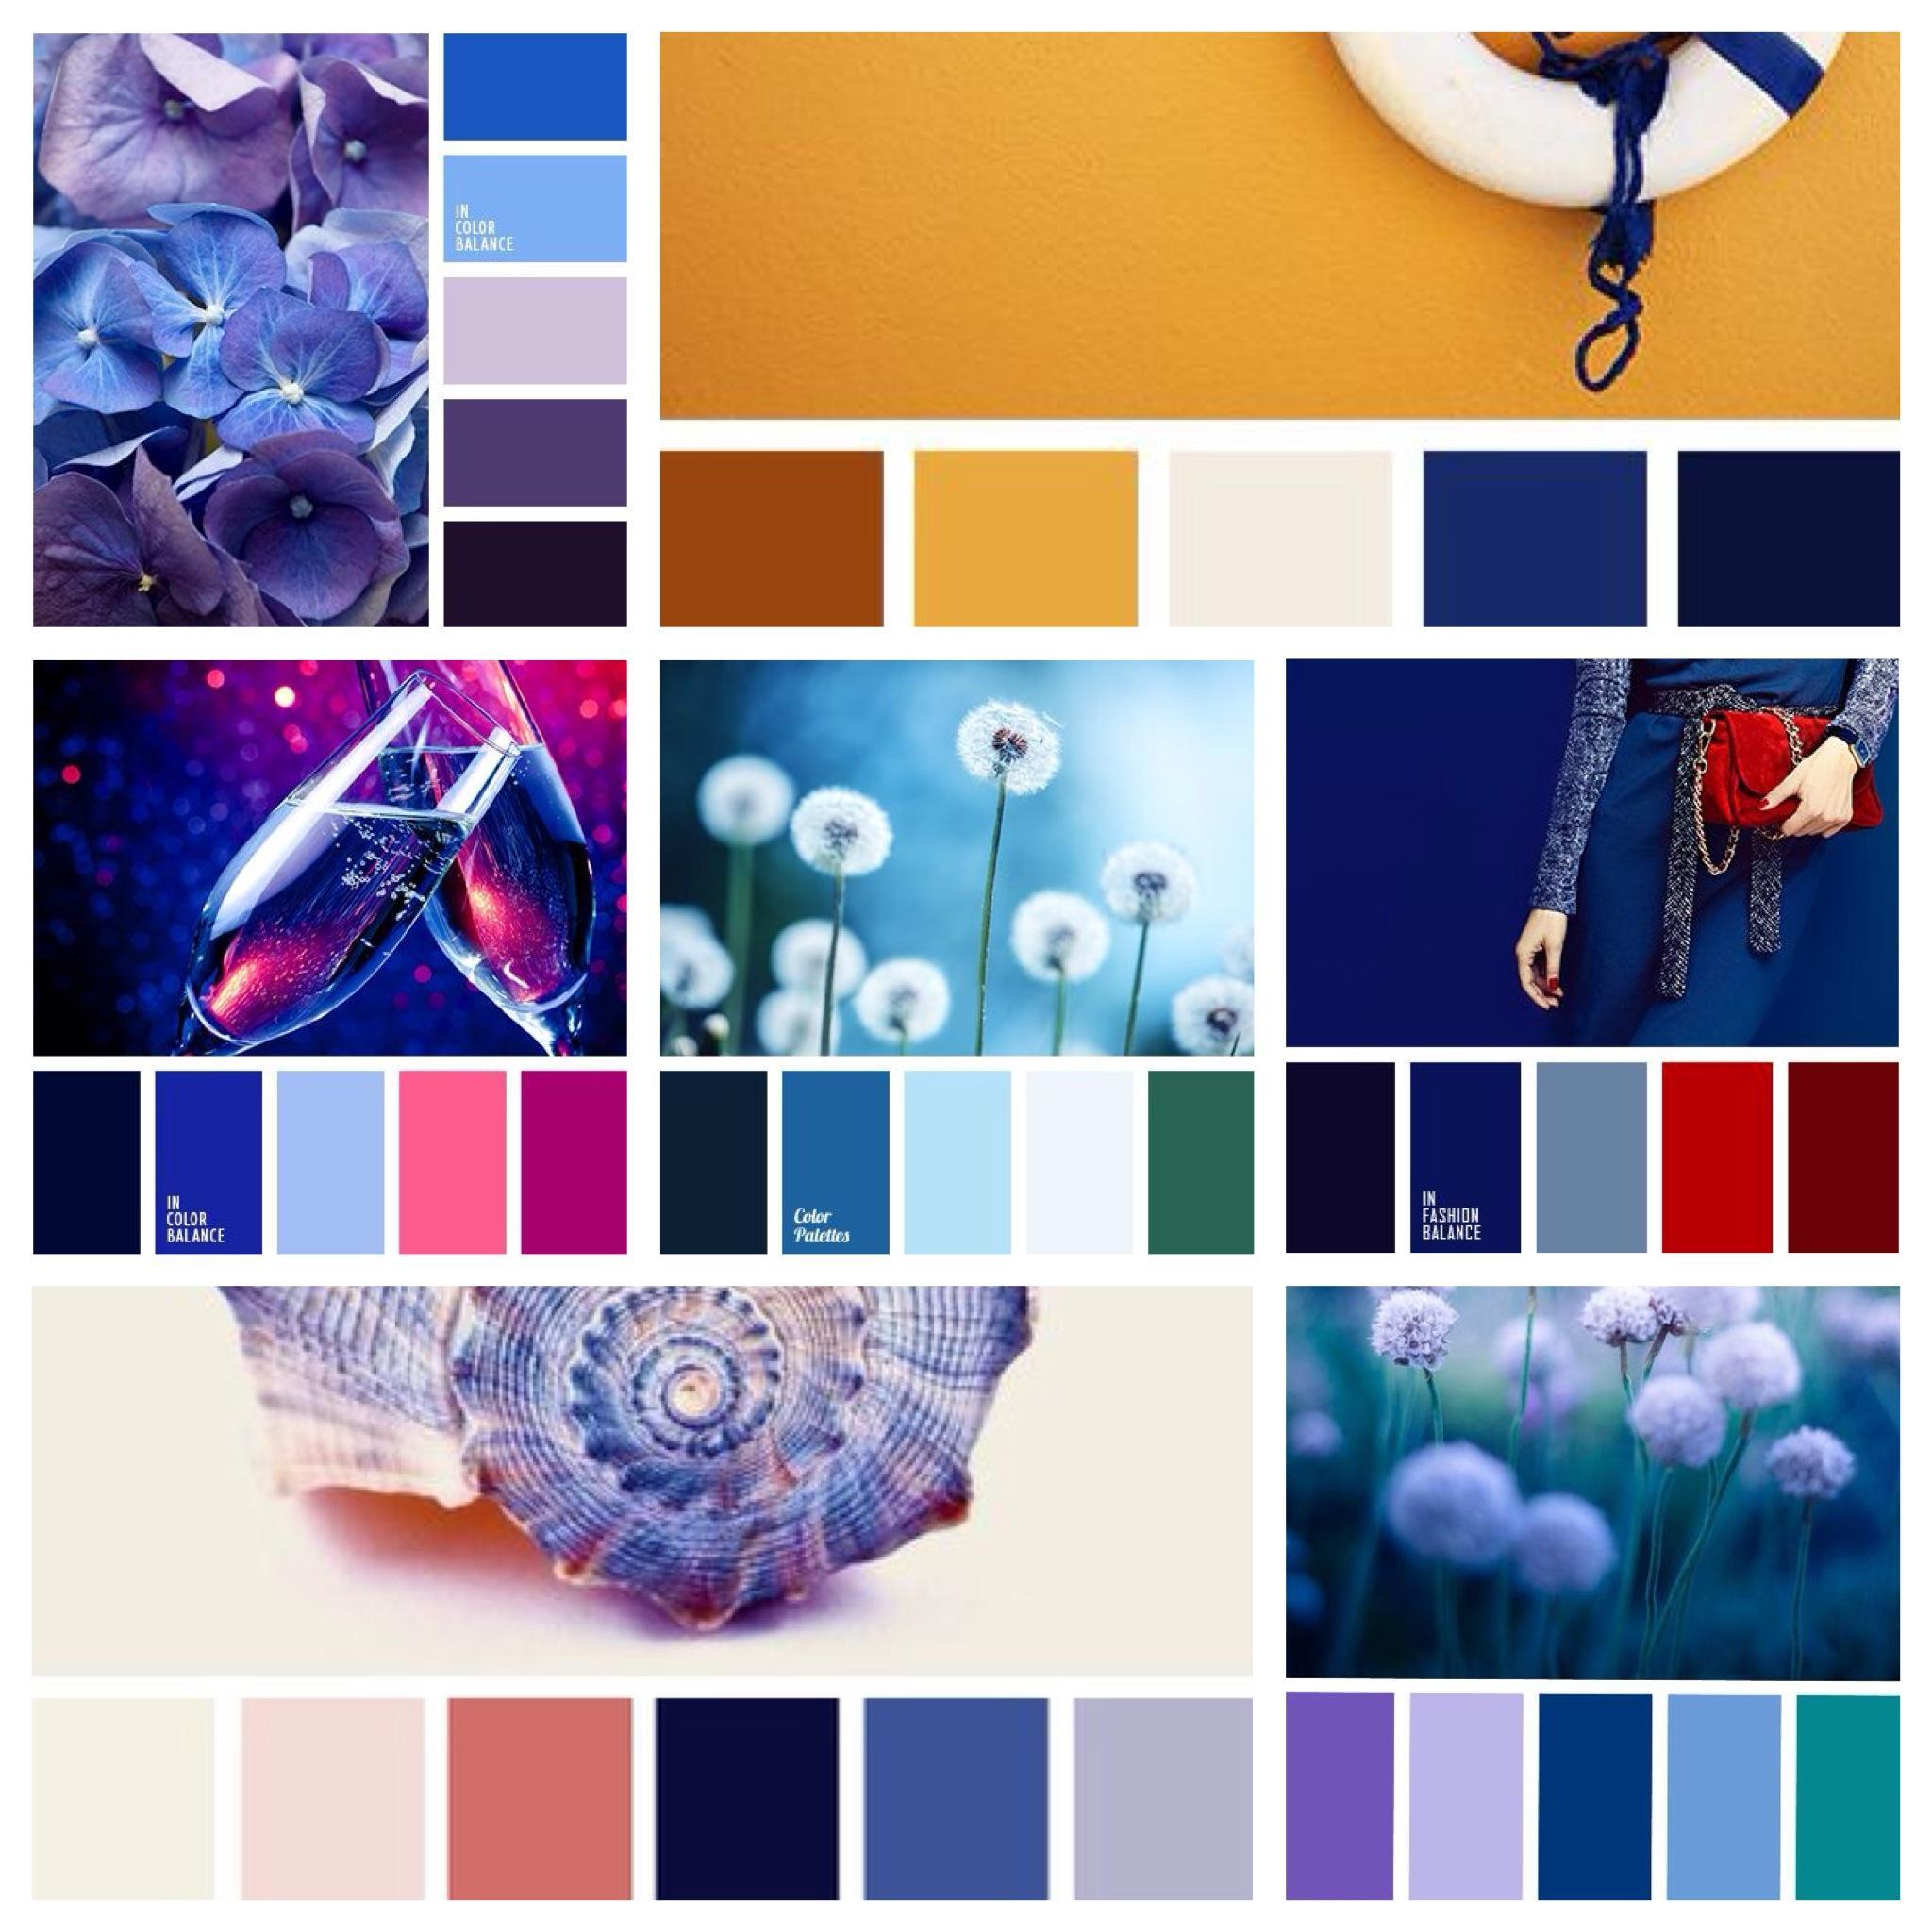 кремов сочетание цветов в картинках синий означает, что